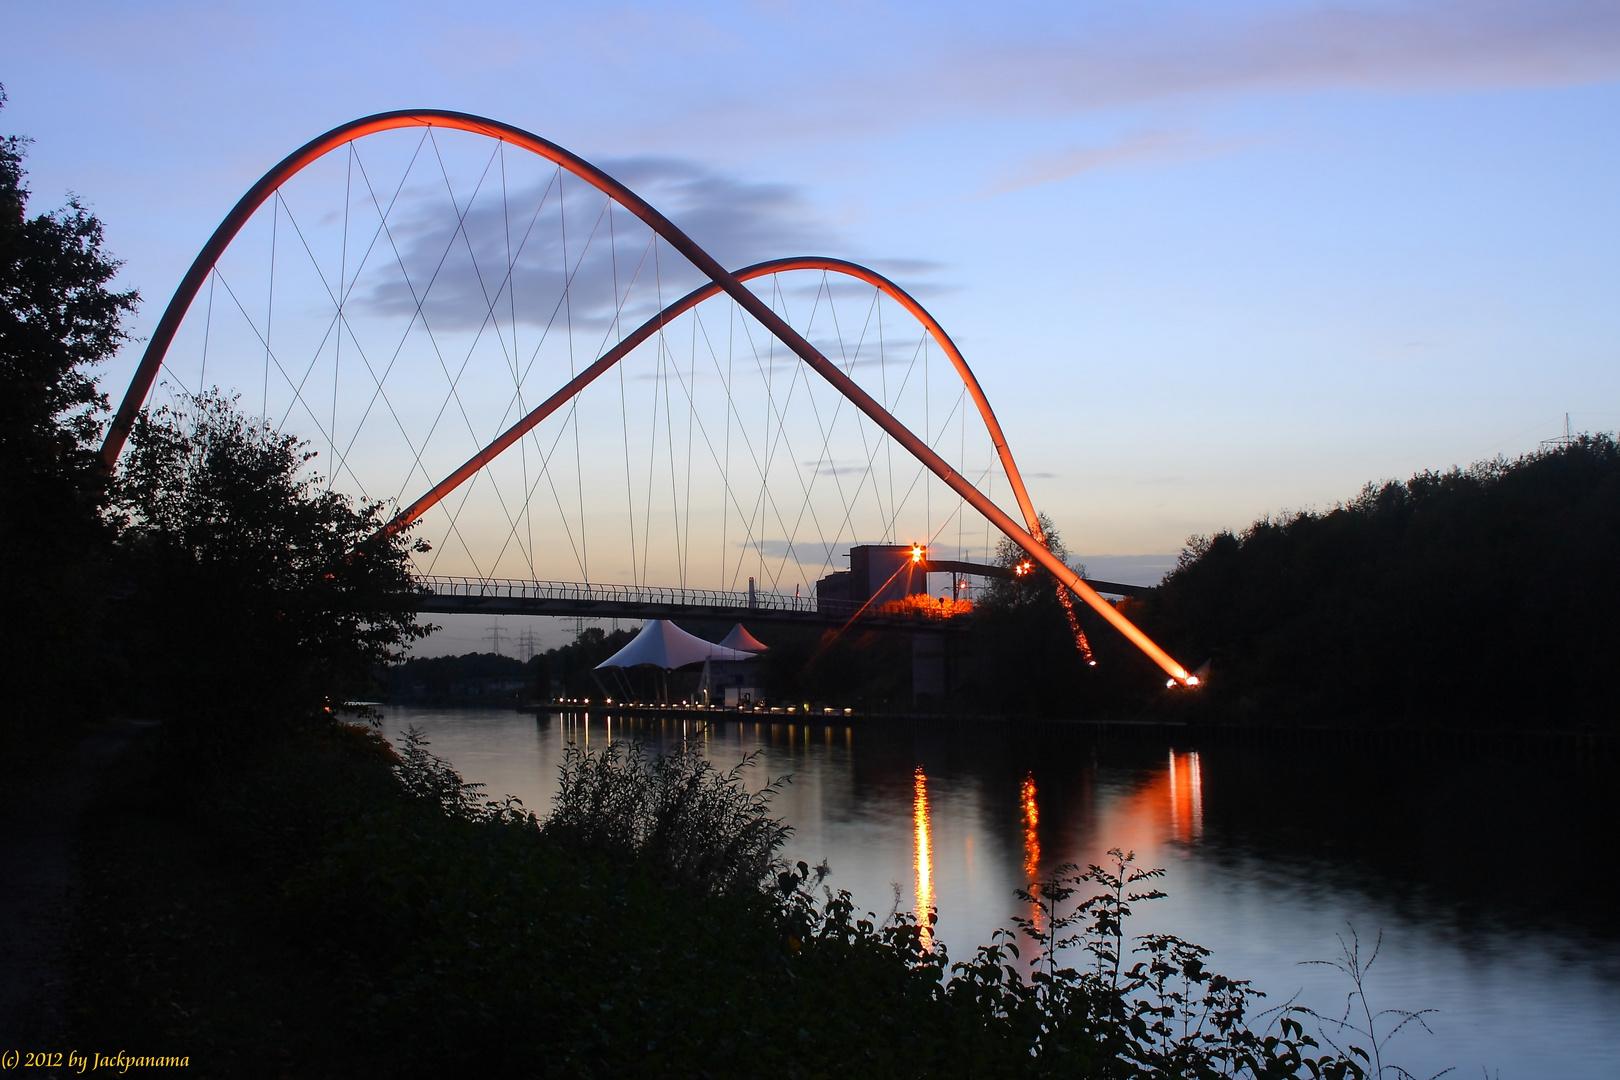 Wahrzeichen des Nordsternparks: Die Doppelbogenbrücke über den Rhein-Herne-Kanal